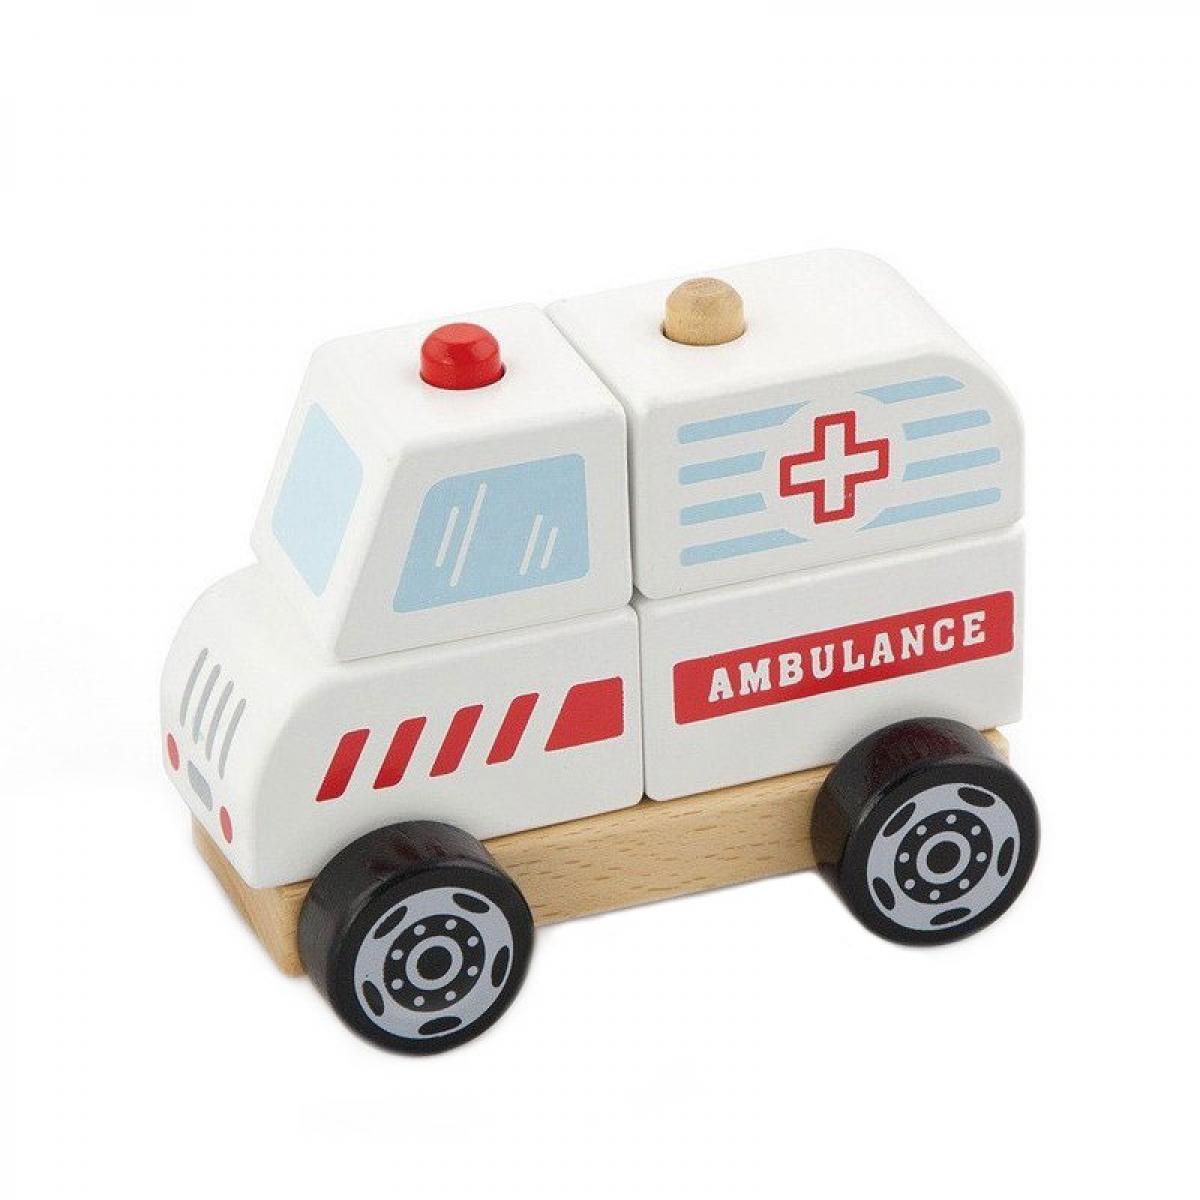 Топ 10 развивающих игрушек, фото №9 - интернет магазин Платошка